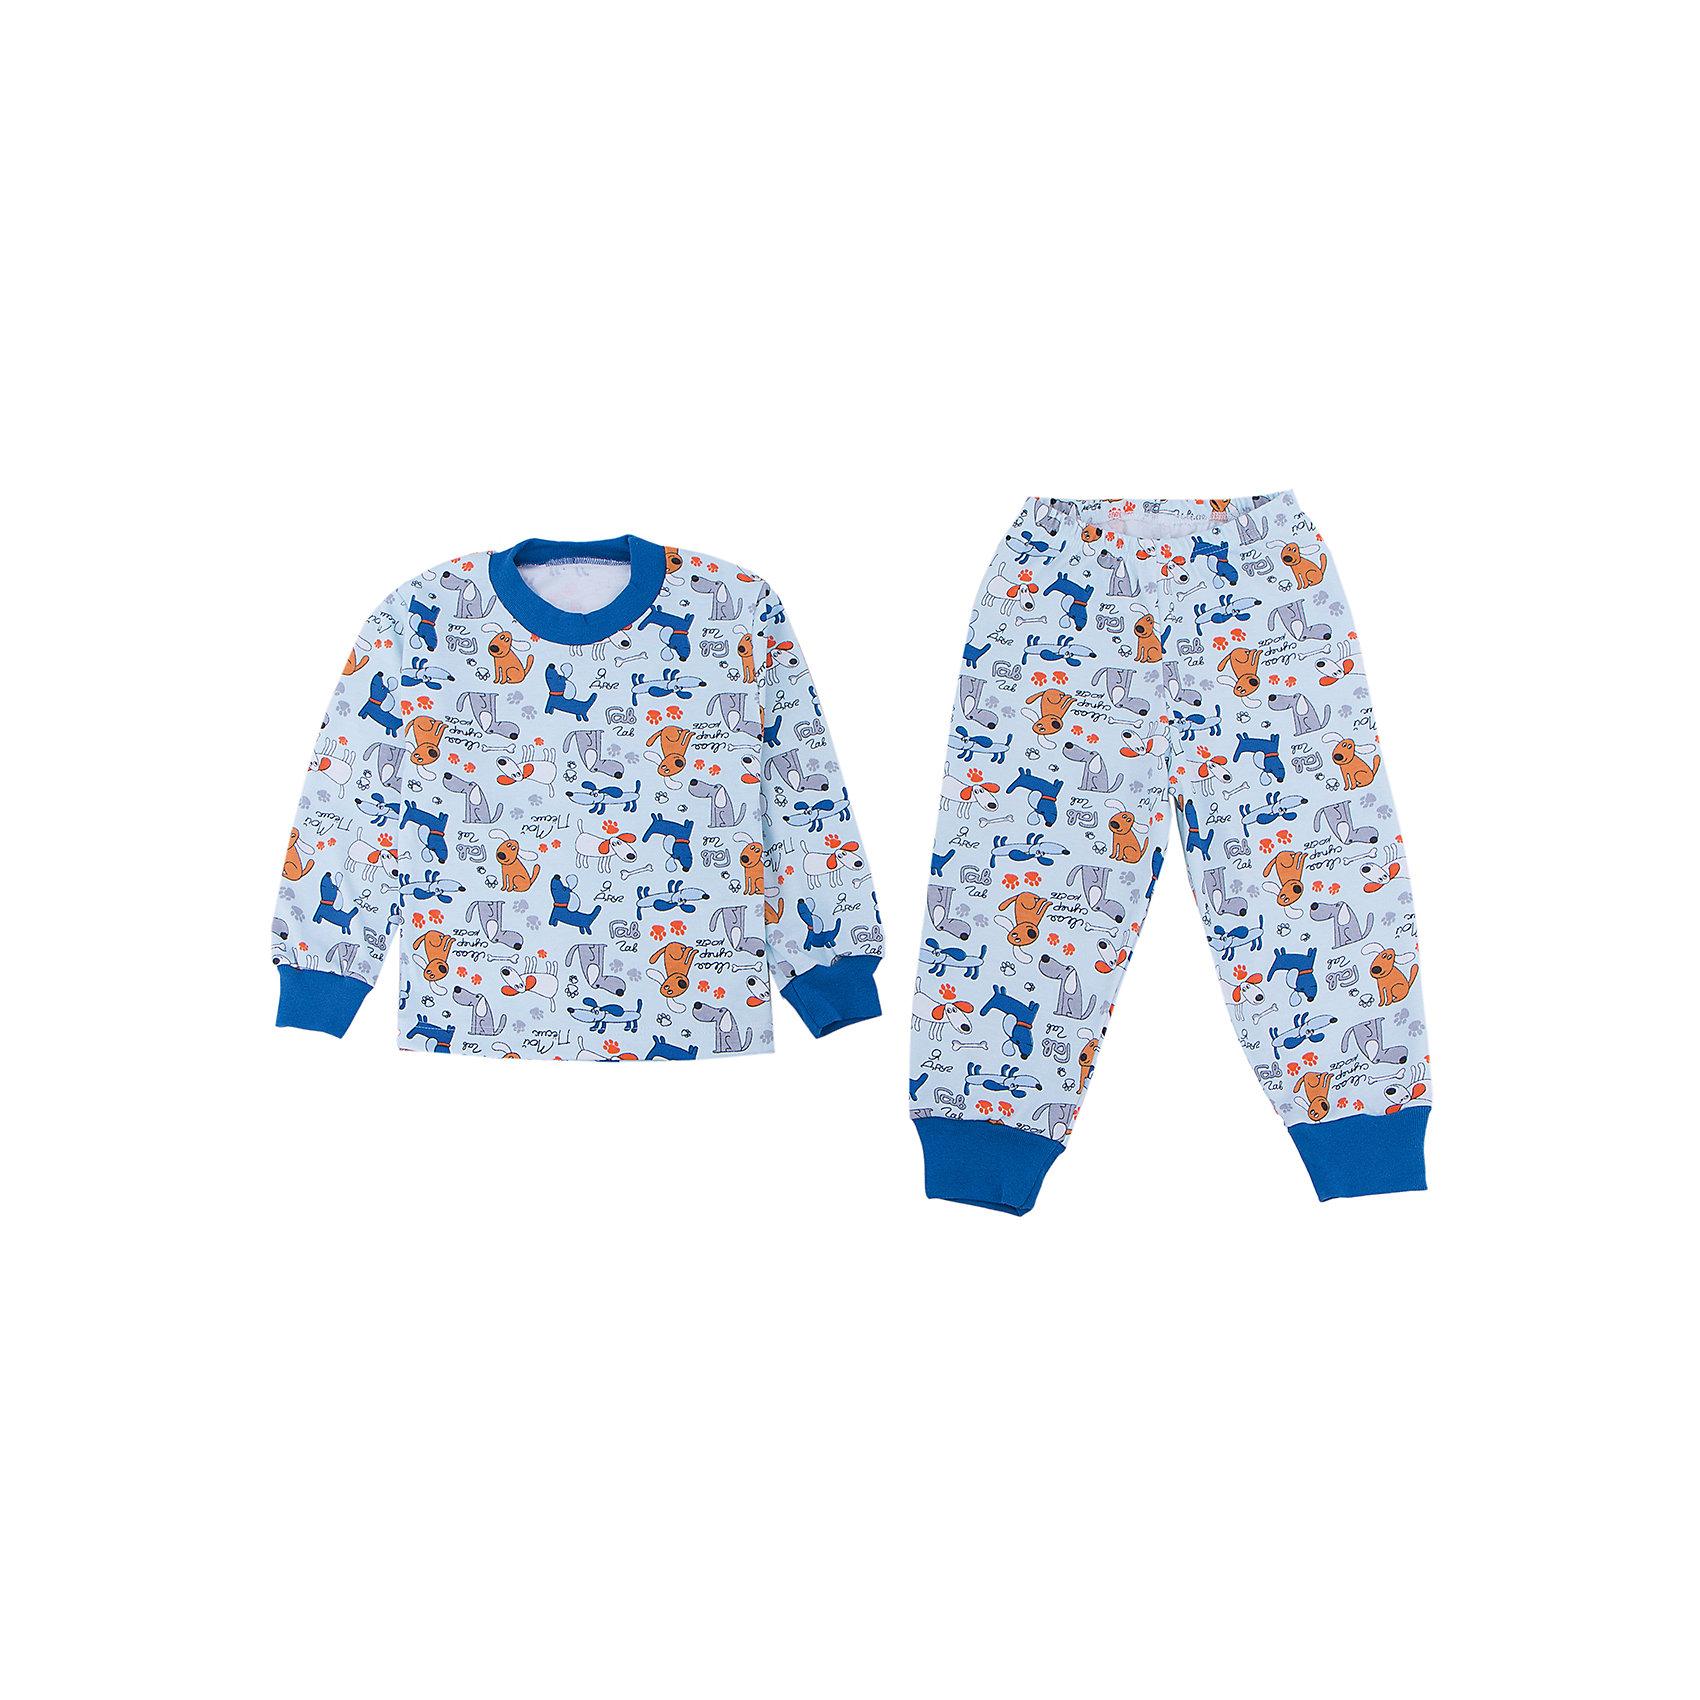 Пижама АпрельПижама Апрель.<br><br>Характеристики:<br>• состав: 100% хлопок<br>• цвет: голубой<br><br>Пижама от популярной марки Апрель подарит ребенку комфорт во время сна. Она изготовлена из мягкого хлопка, приятного телу. Манжеты и резинка на поясе помогают пижаме хорошо сидеть по фигуре и не дают холодному воздуху проникнуть под одежду. Расцветка с забавным принтом с собачками понравится любому ребенку!<br><br>Вы можете купить пижаму Апрель в нашем интернет-магазине.<br><br>Ширина мм: 281<br>Глубина мм: 70<br>Высота мм: 188<br>Вес г: 295<br>Цвет: голубой<br>Возраст от месяцев: 18<br>Возраст до месяцев: 24<br>Пол: Унисекс<br>Возраст: Детский<br>Размер: 92,116,86,98,104,110<br>SKU: 4936875